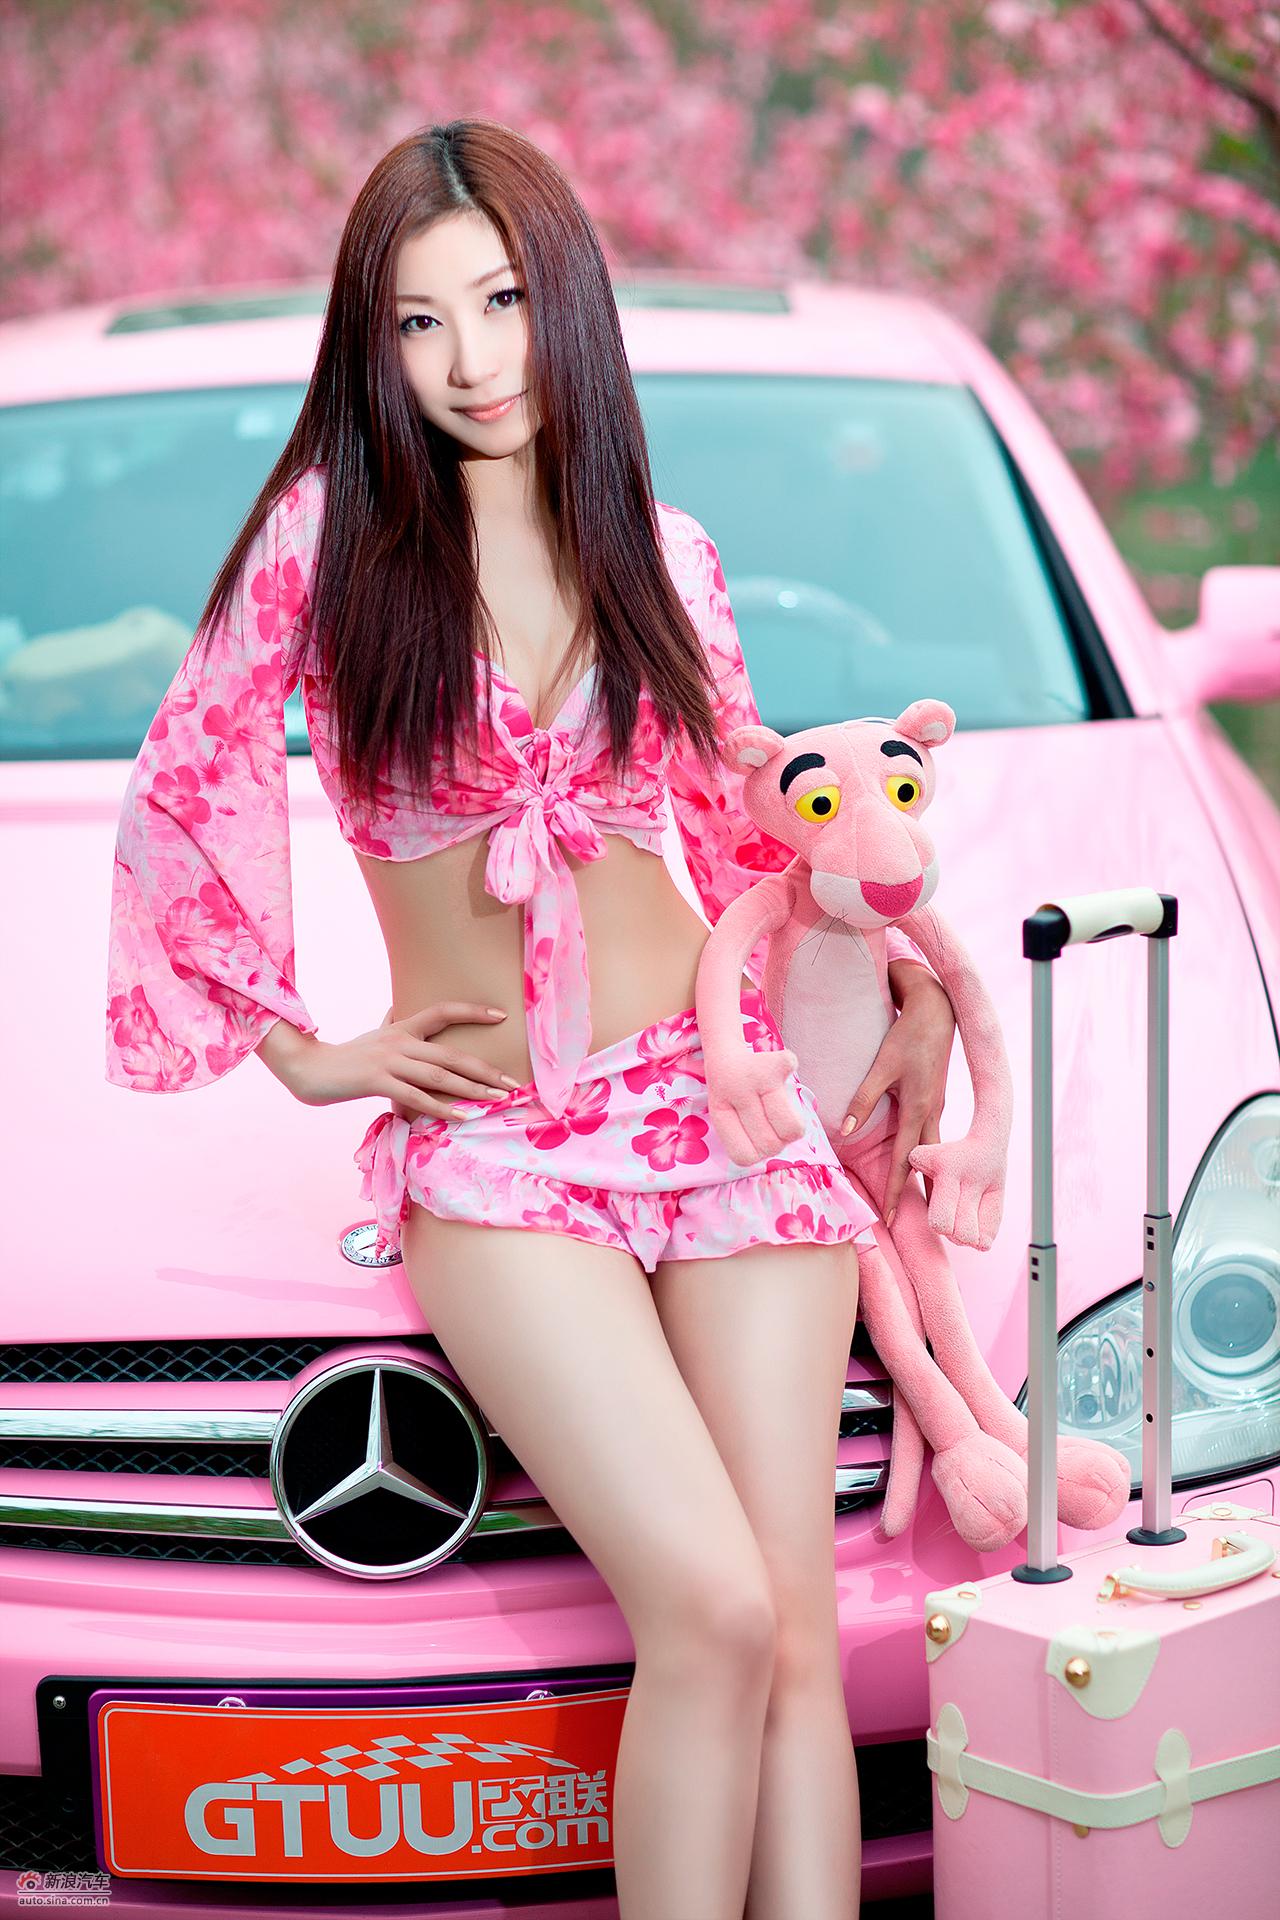 性感美女和可爱的粉红豹去旅行